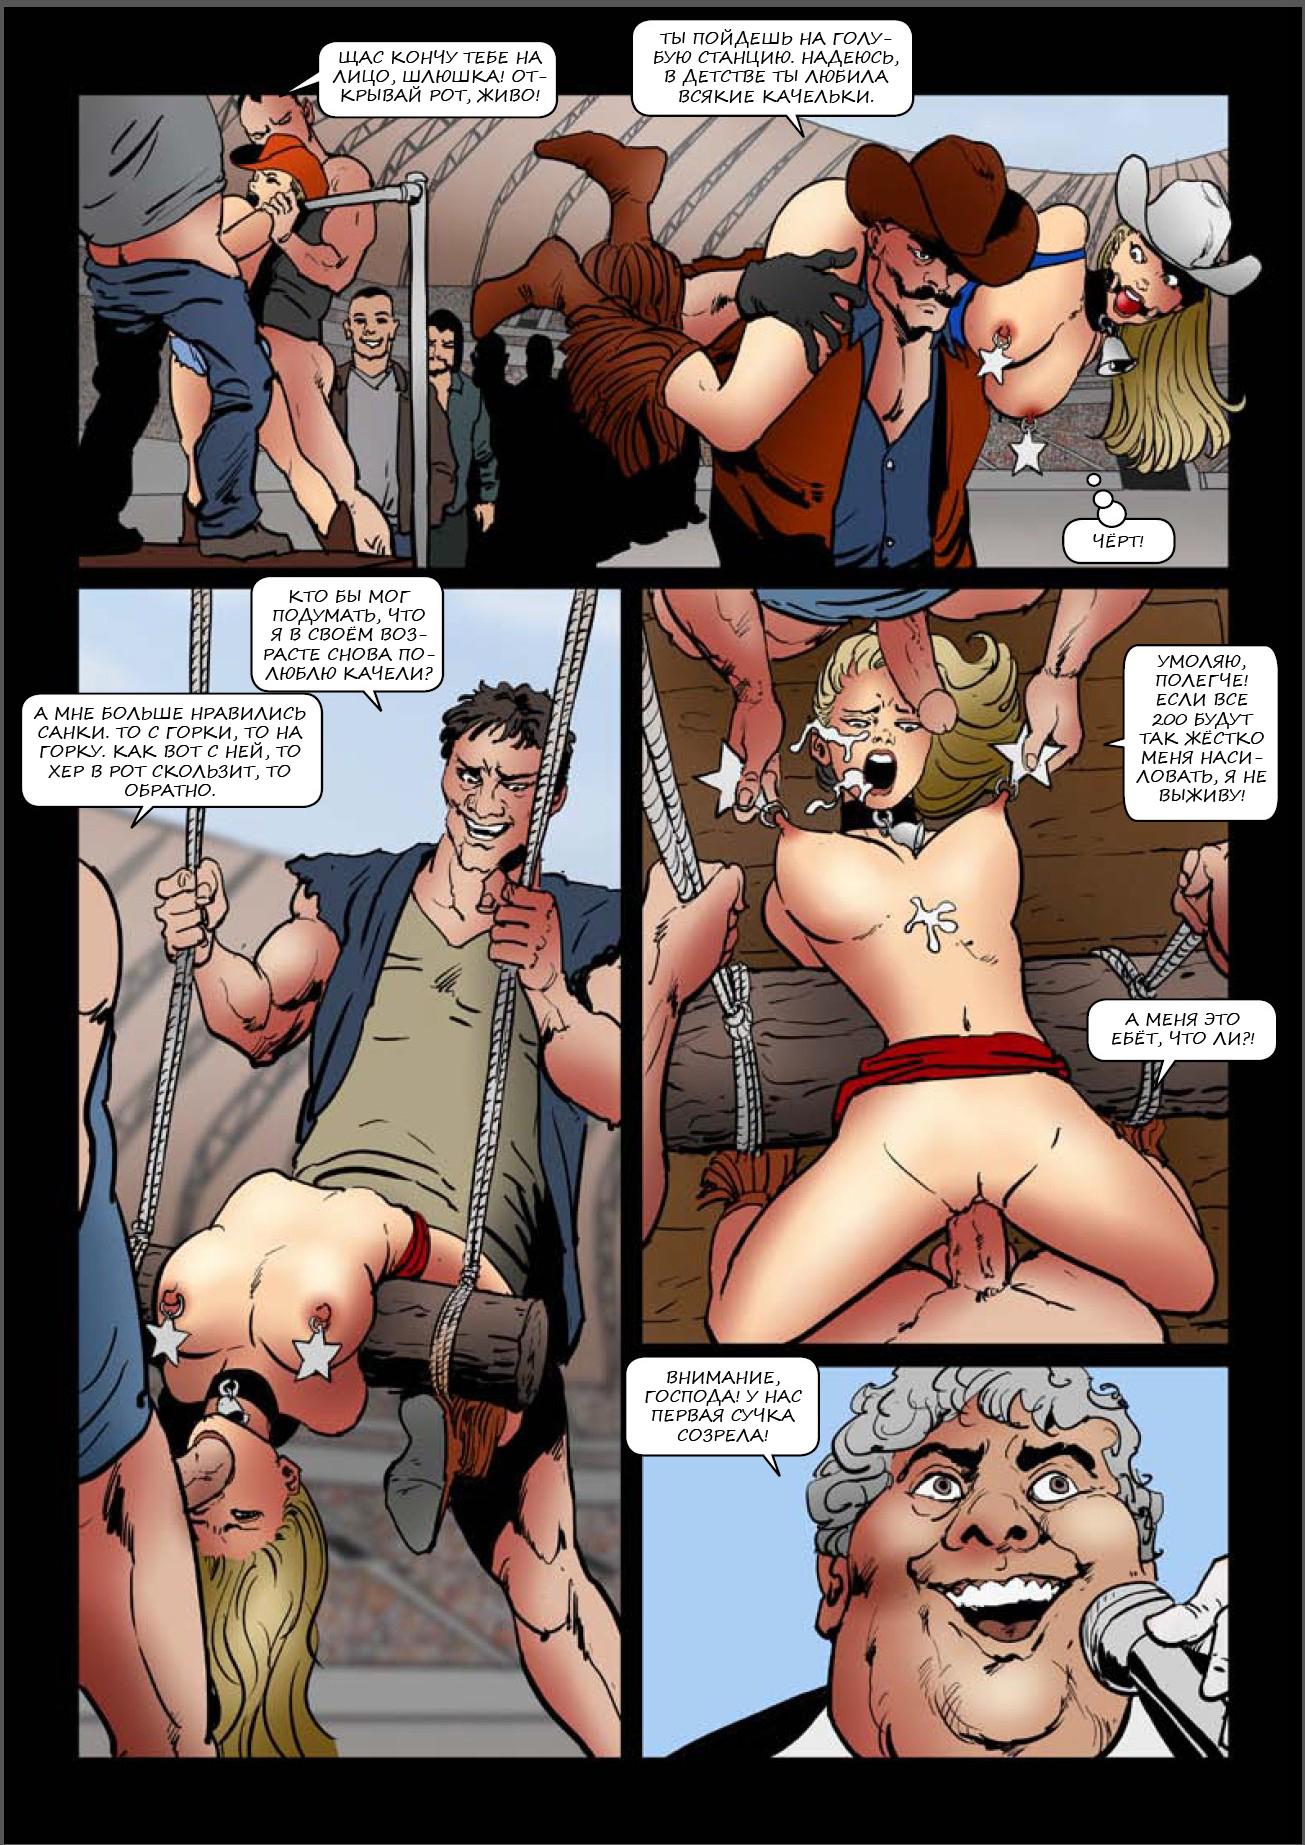 Map war3 sex pics erotic images